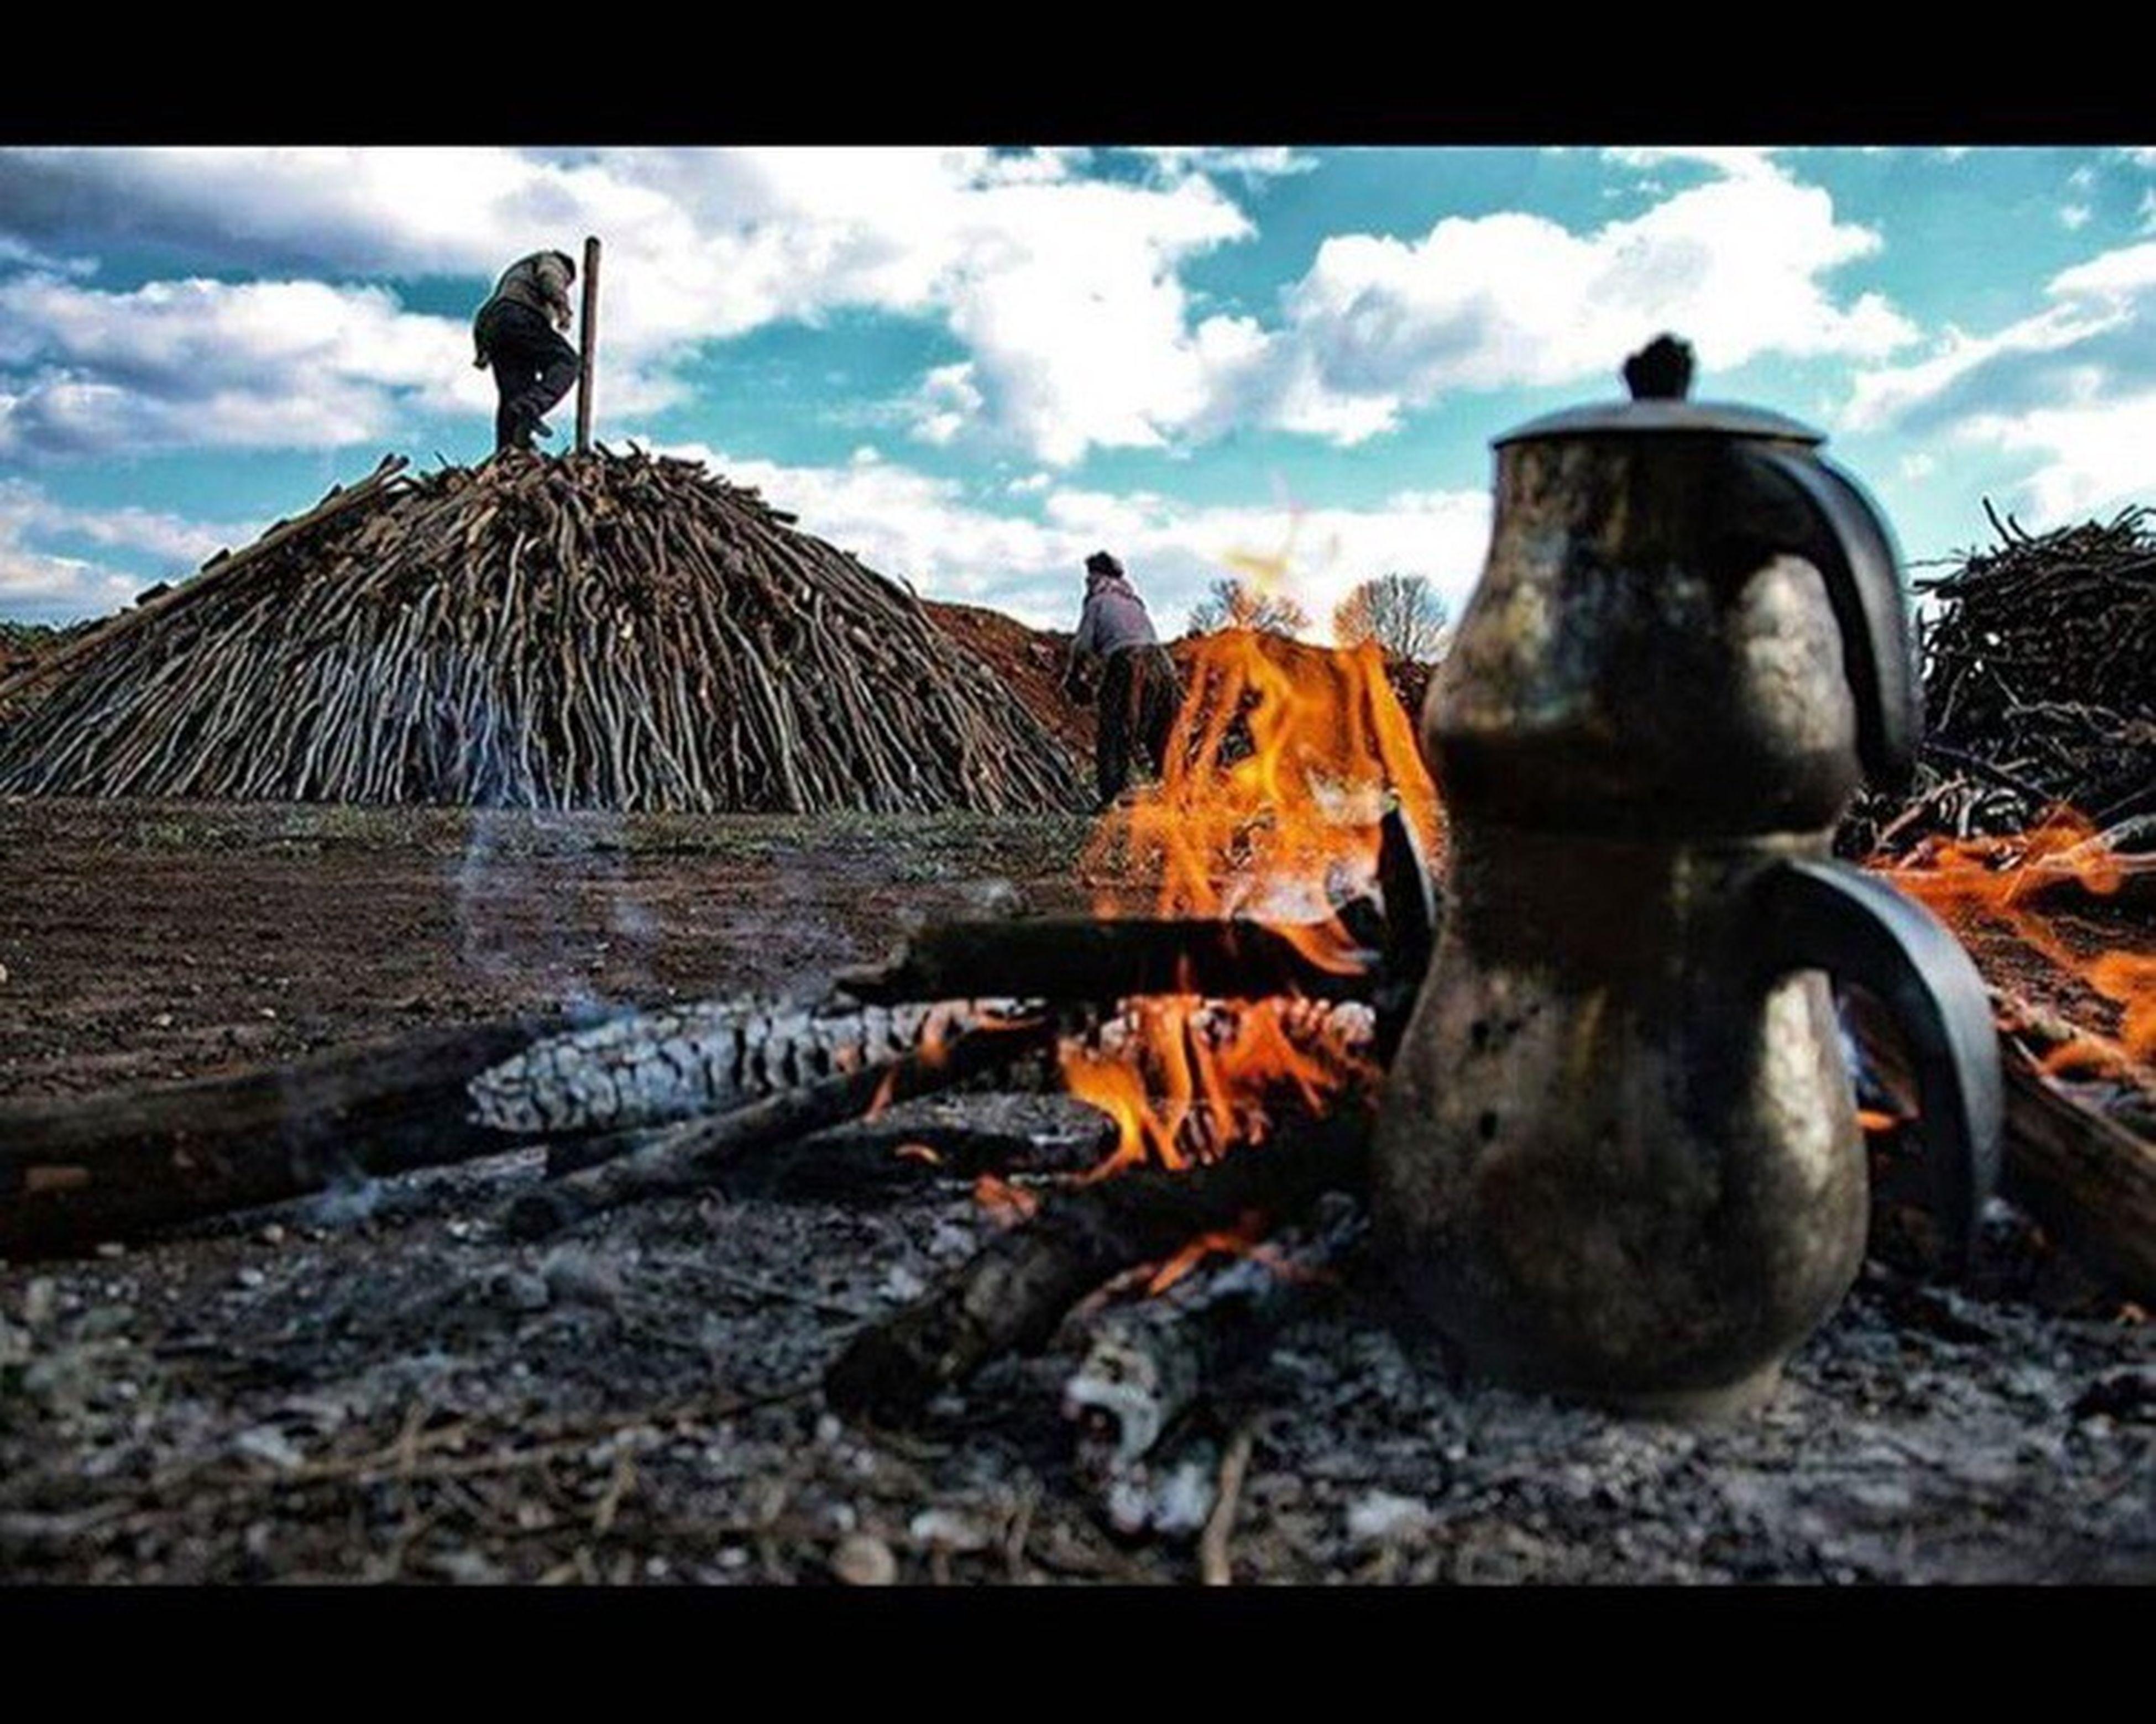 Çayı közde, sevgiyi gözde, tebessümü yüzde, adamlığı özde, mutluluğu azda arayın... çay